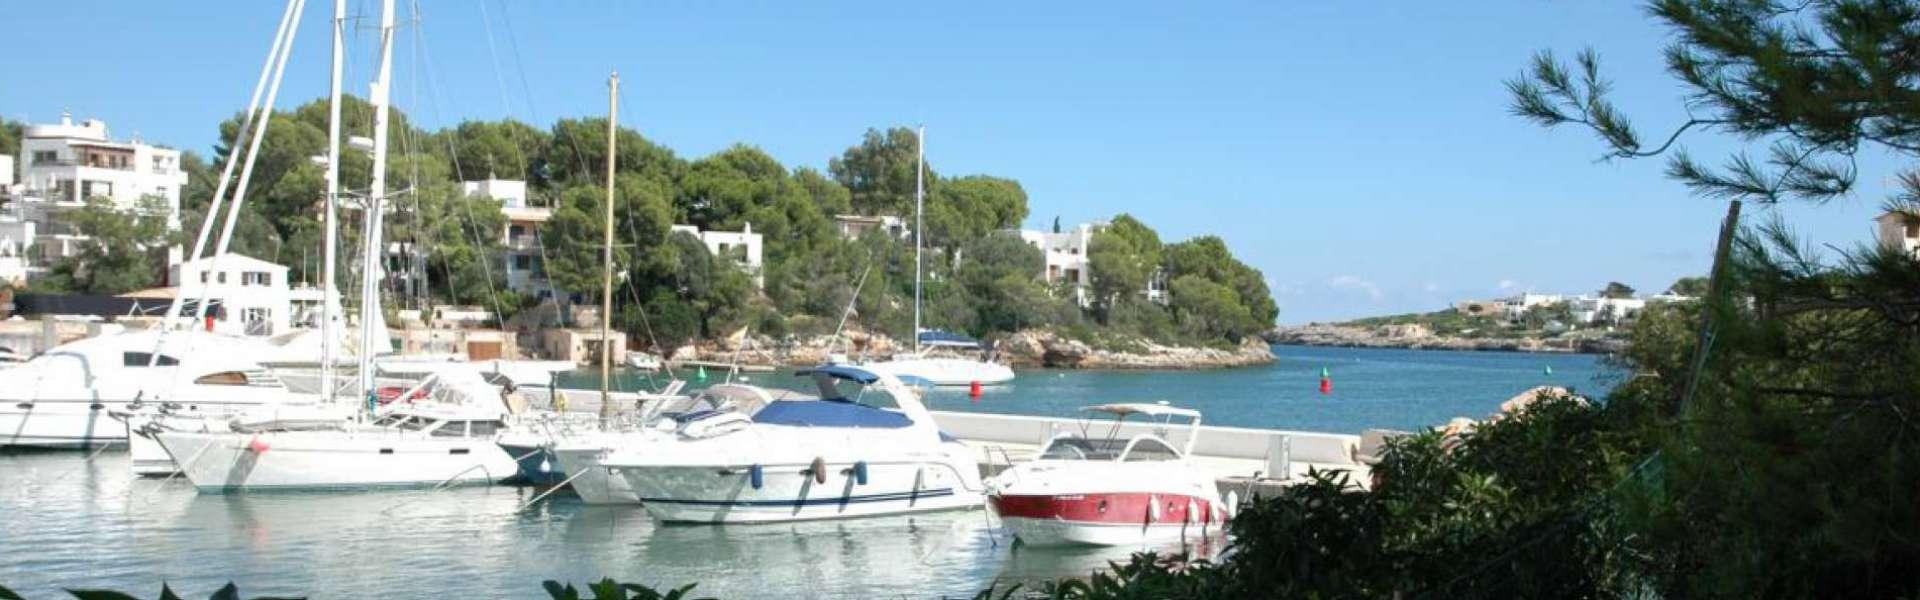 Grundstück am Hafen von Cala d'Or